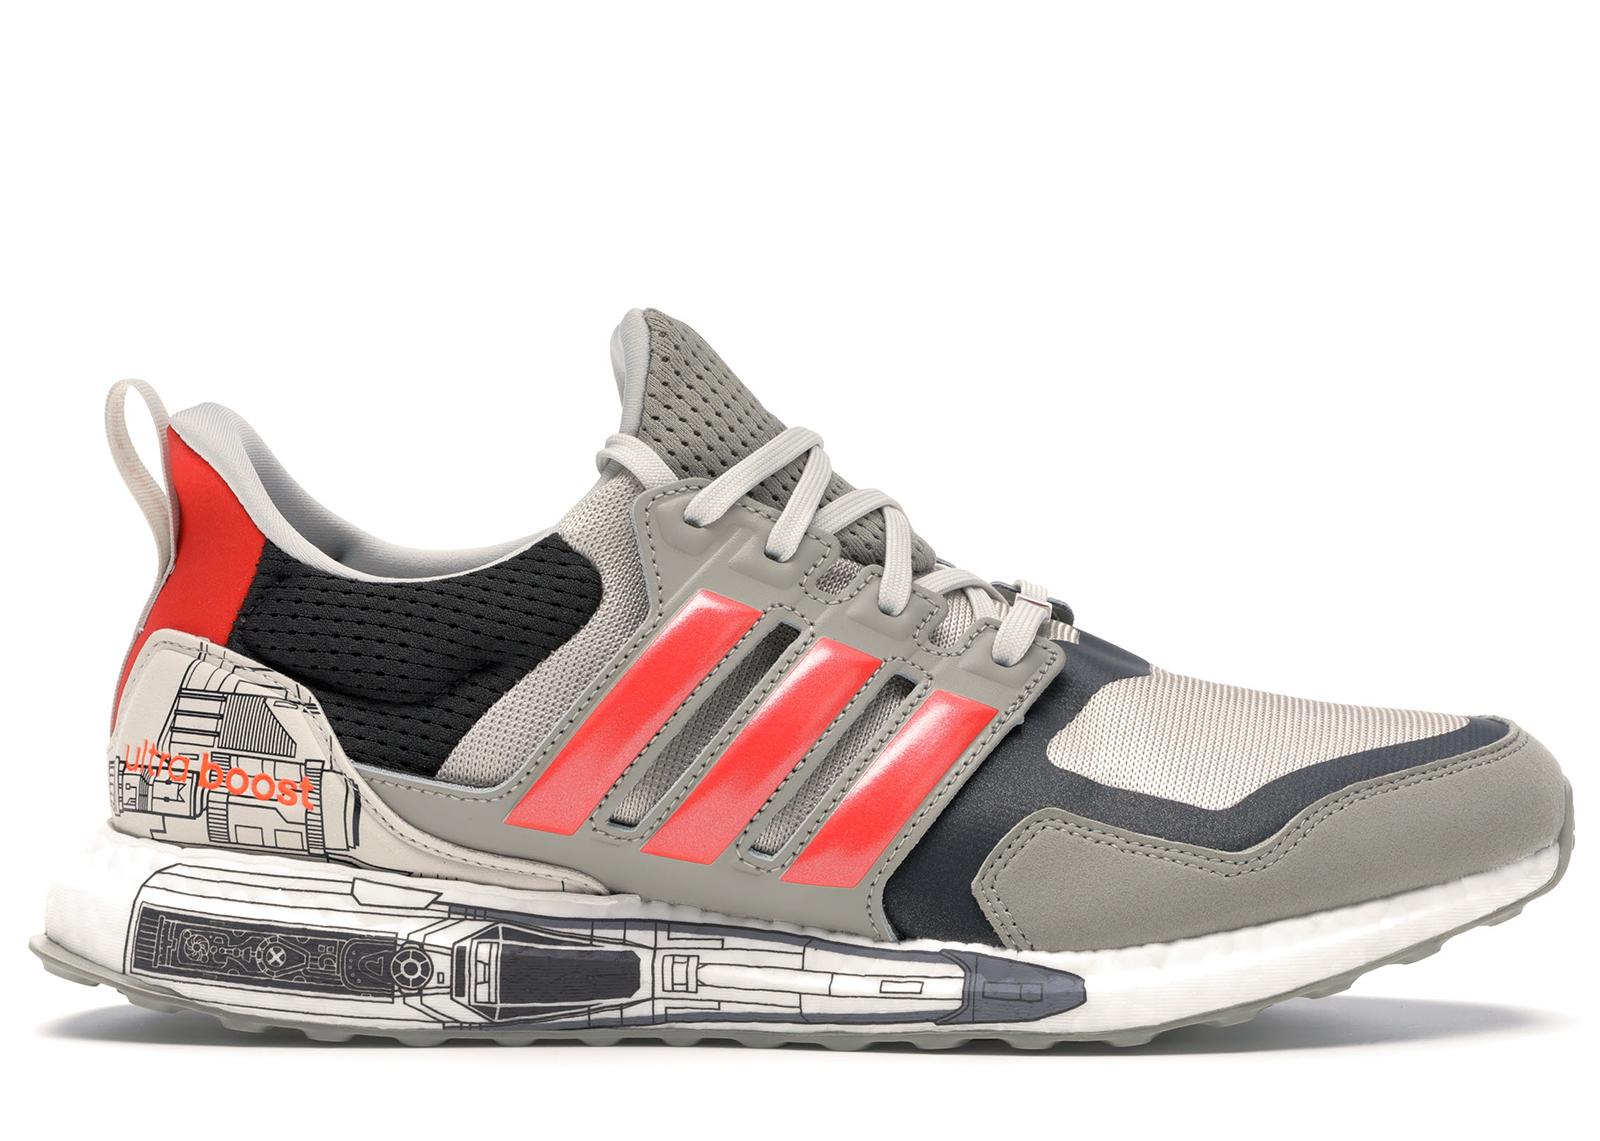 Adidas Ultraboost X Star Wars Sneaker in Grau